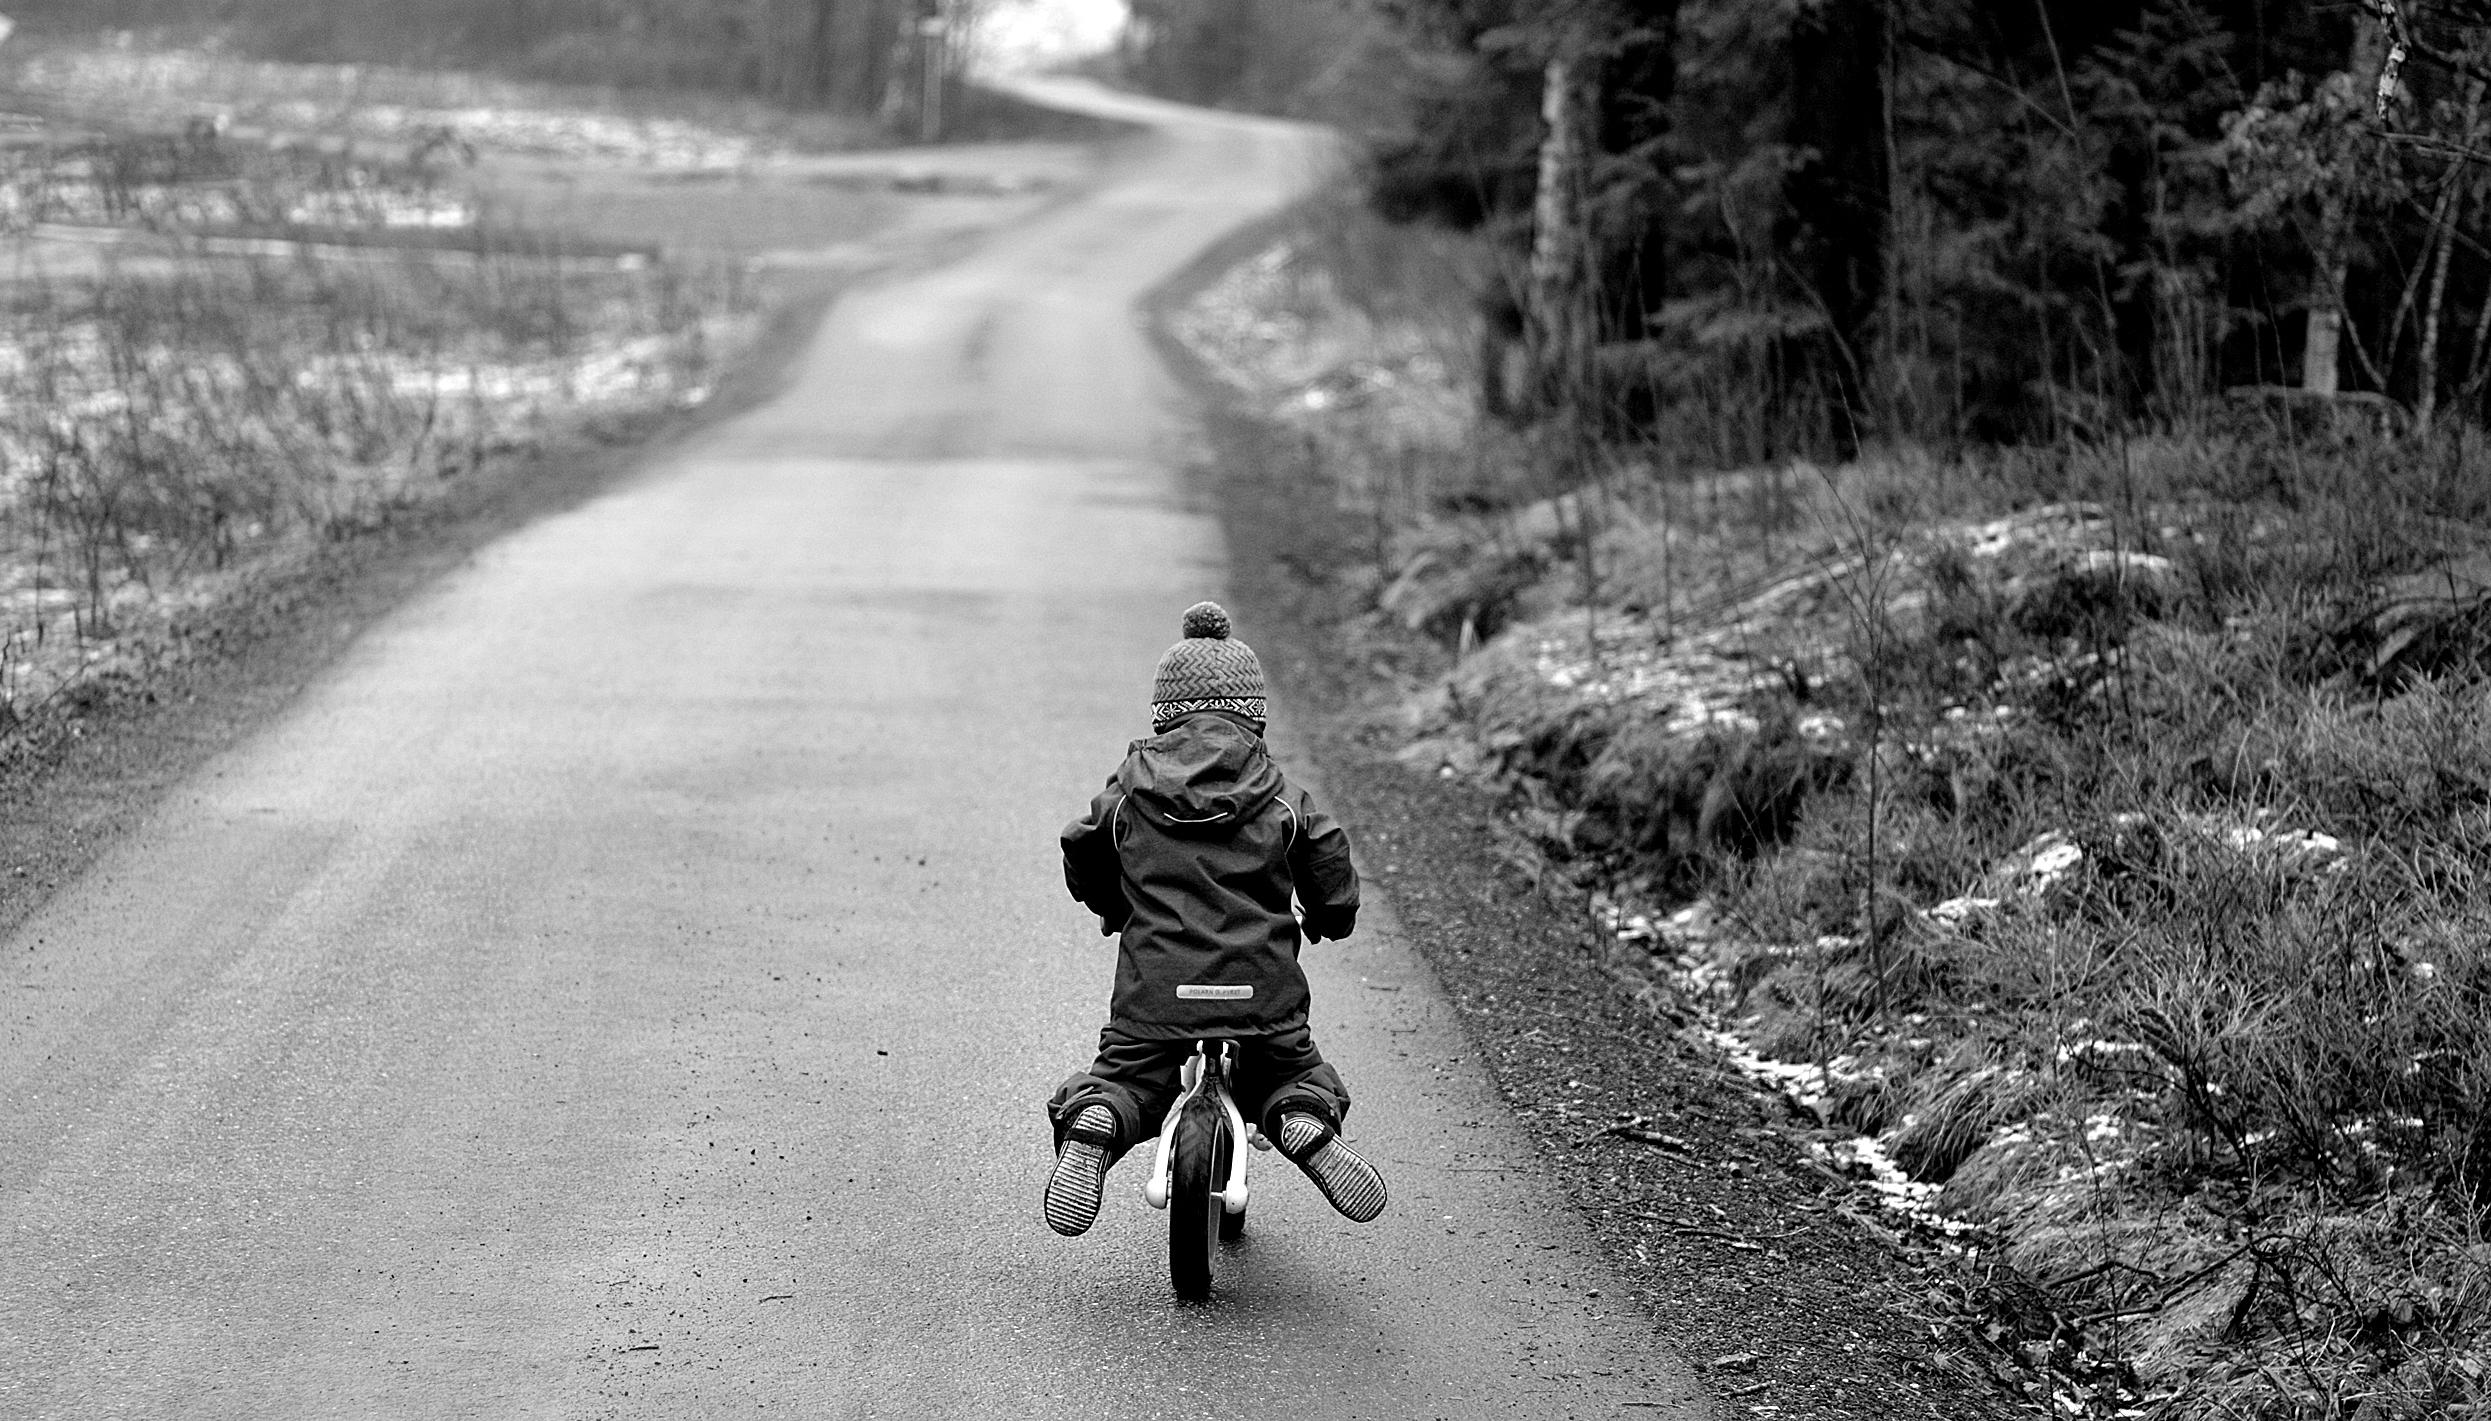 Sykkeltur på veien foto Christian Hvidsten.JPG